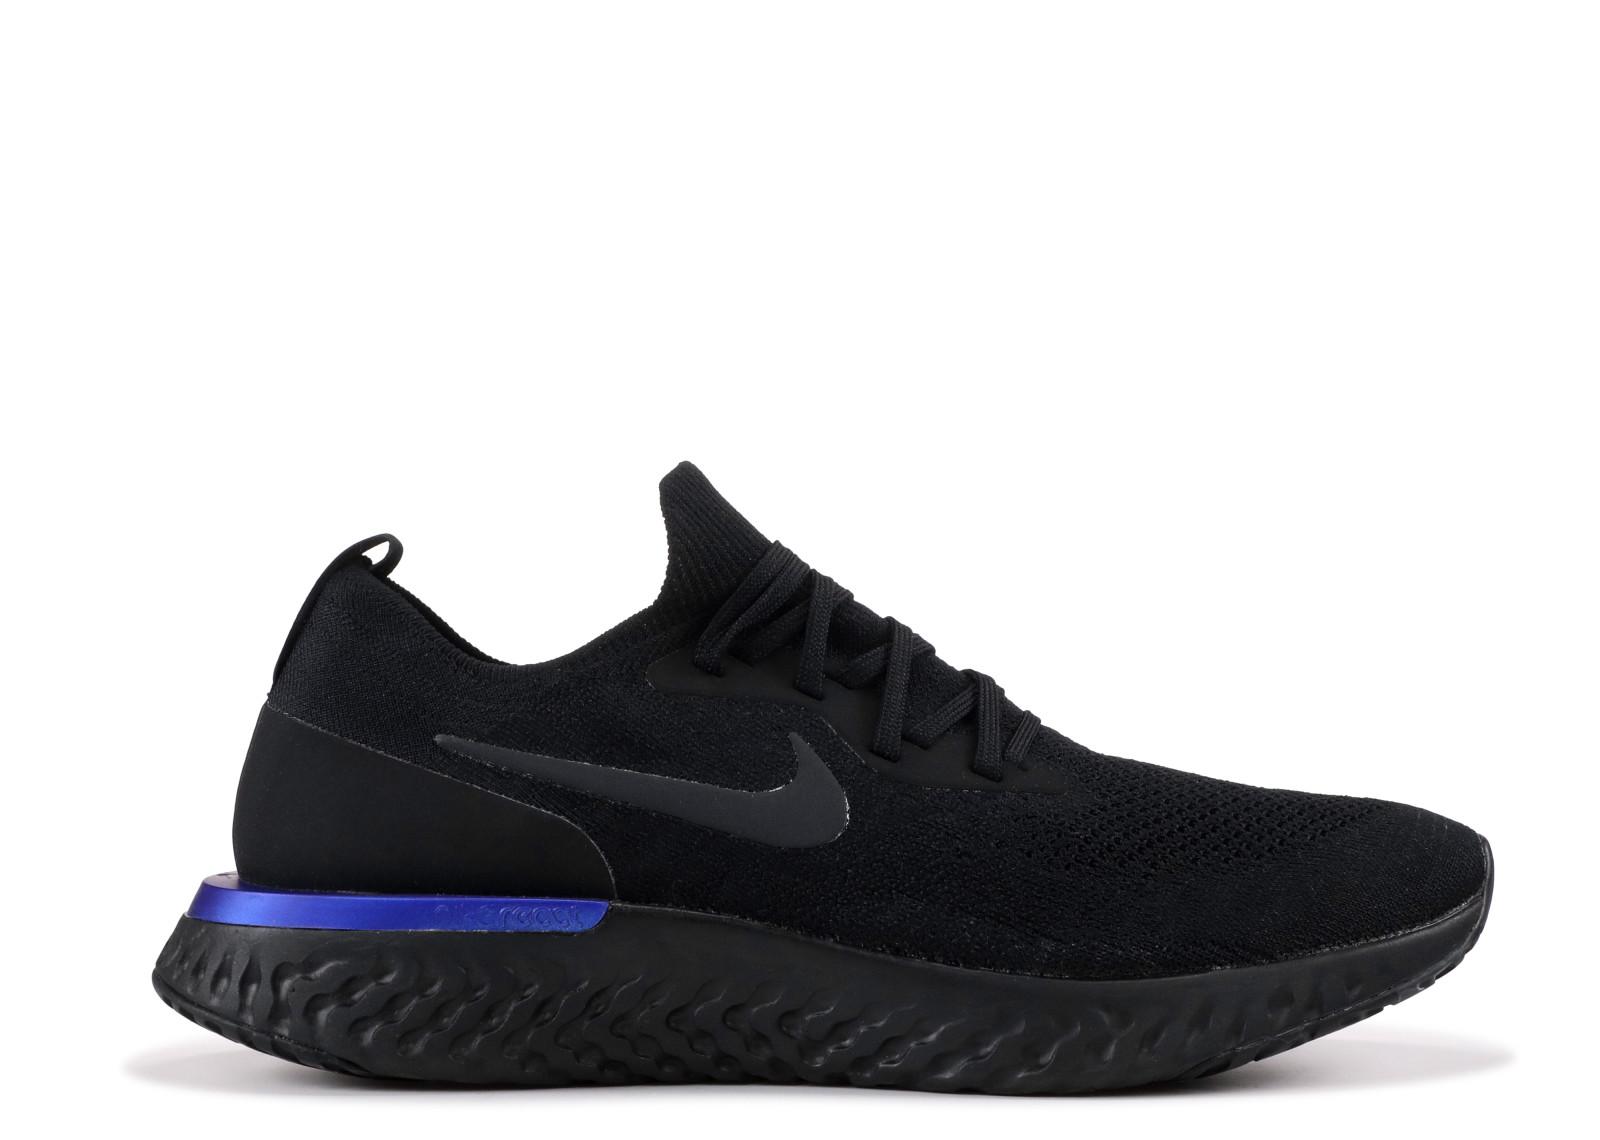 13ec9c367f02f Nike Epic React Flyknit Black Racer Blue